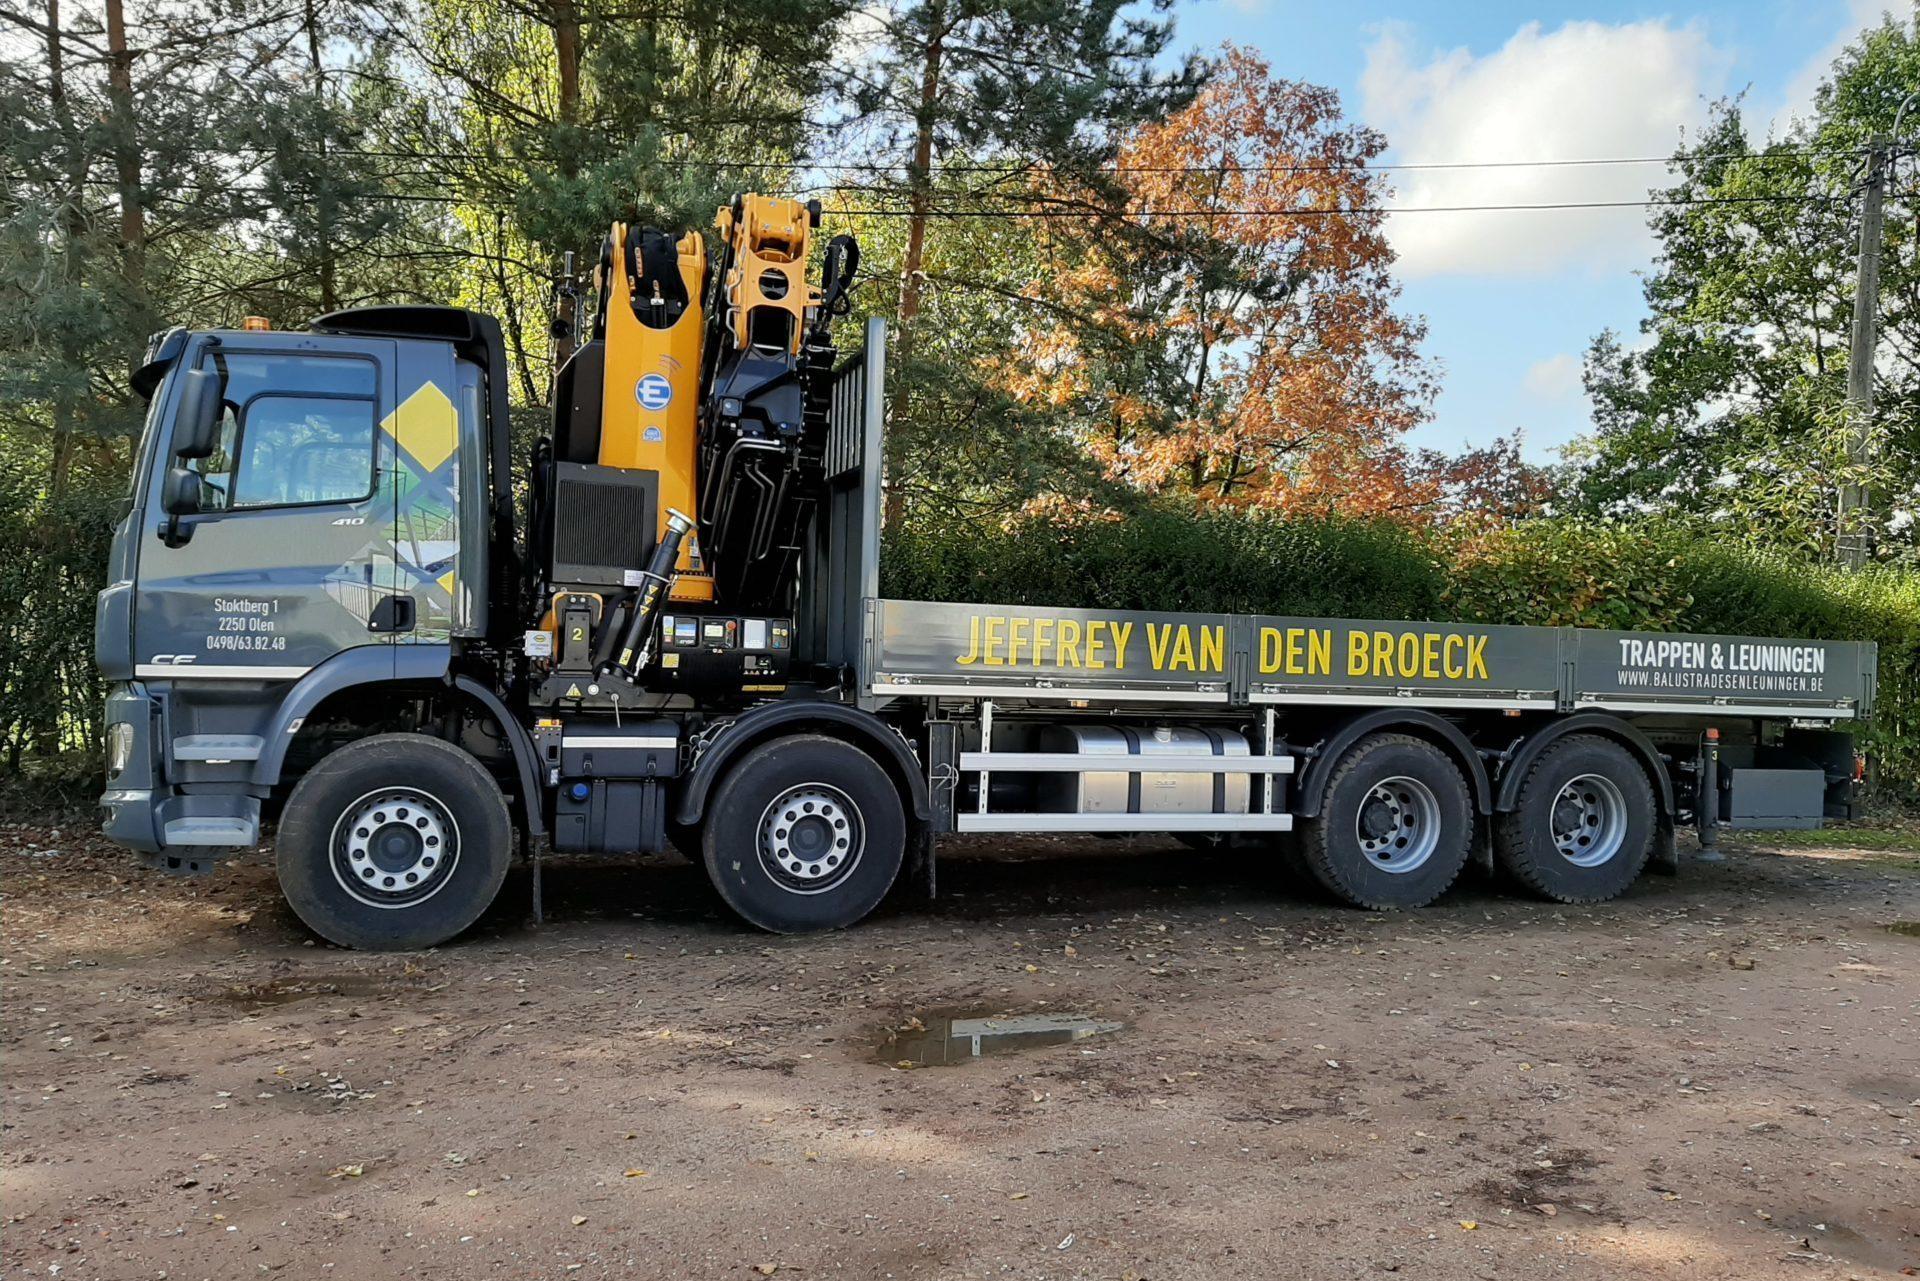 Verhuur kraanwagen - Jeffrey Van den Broeck BVBA